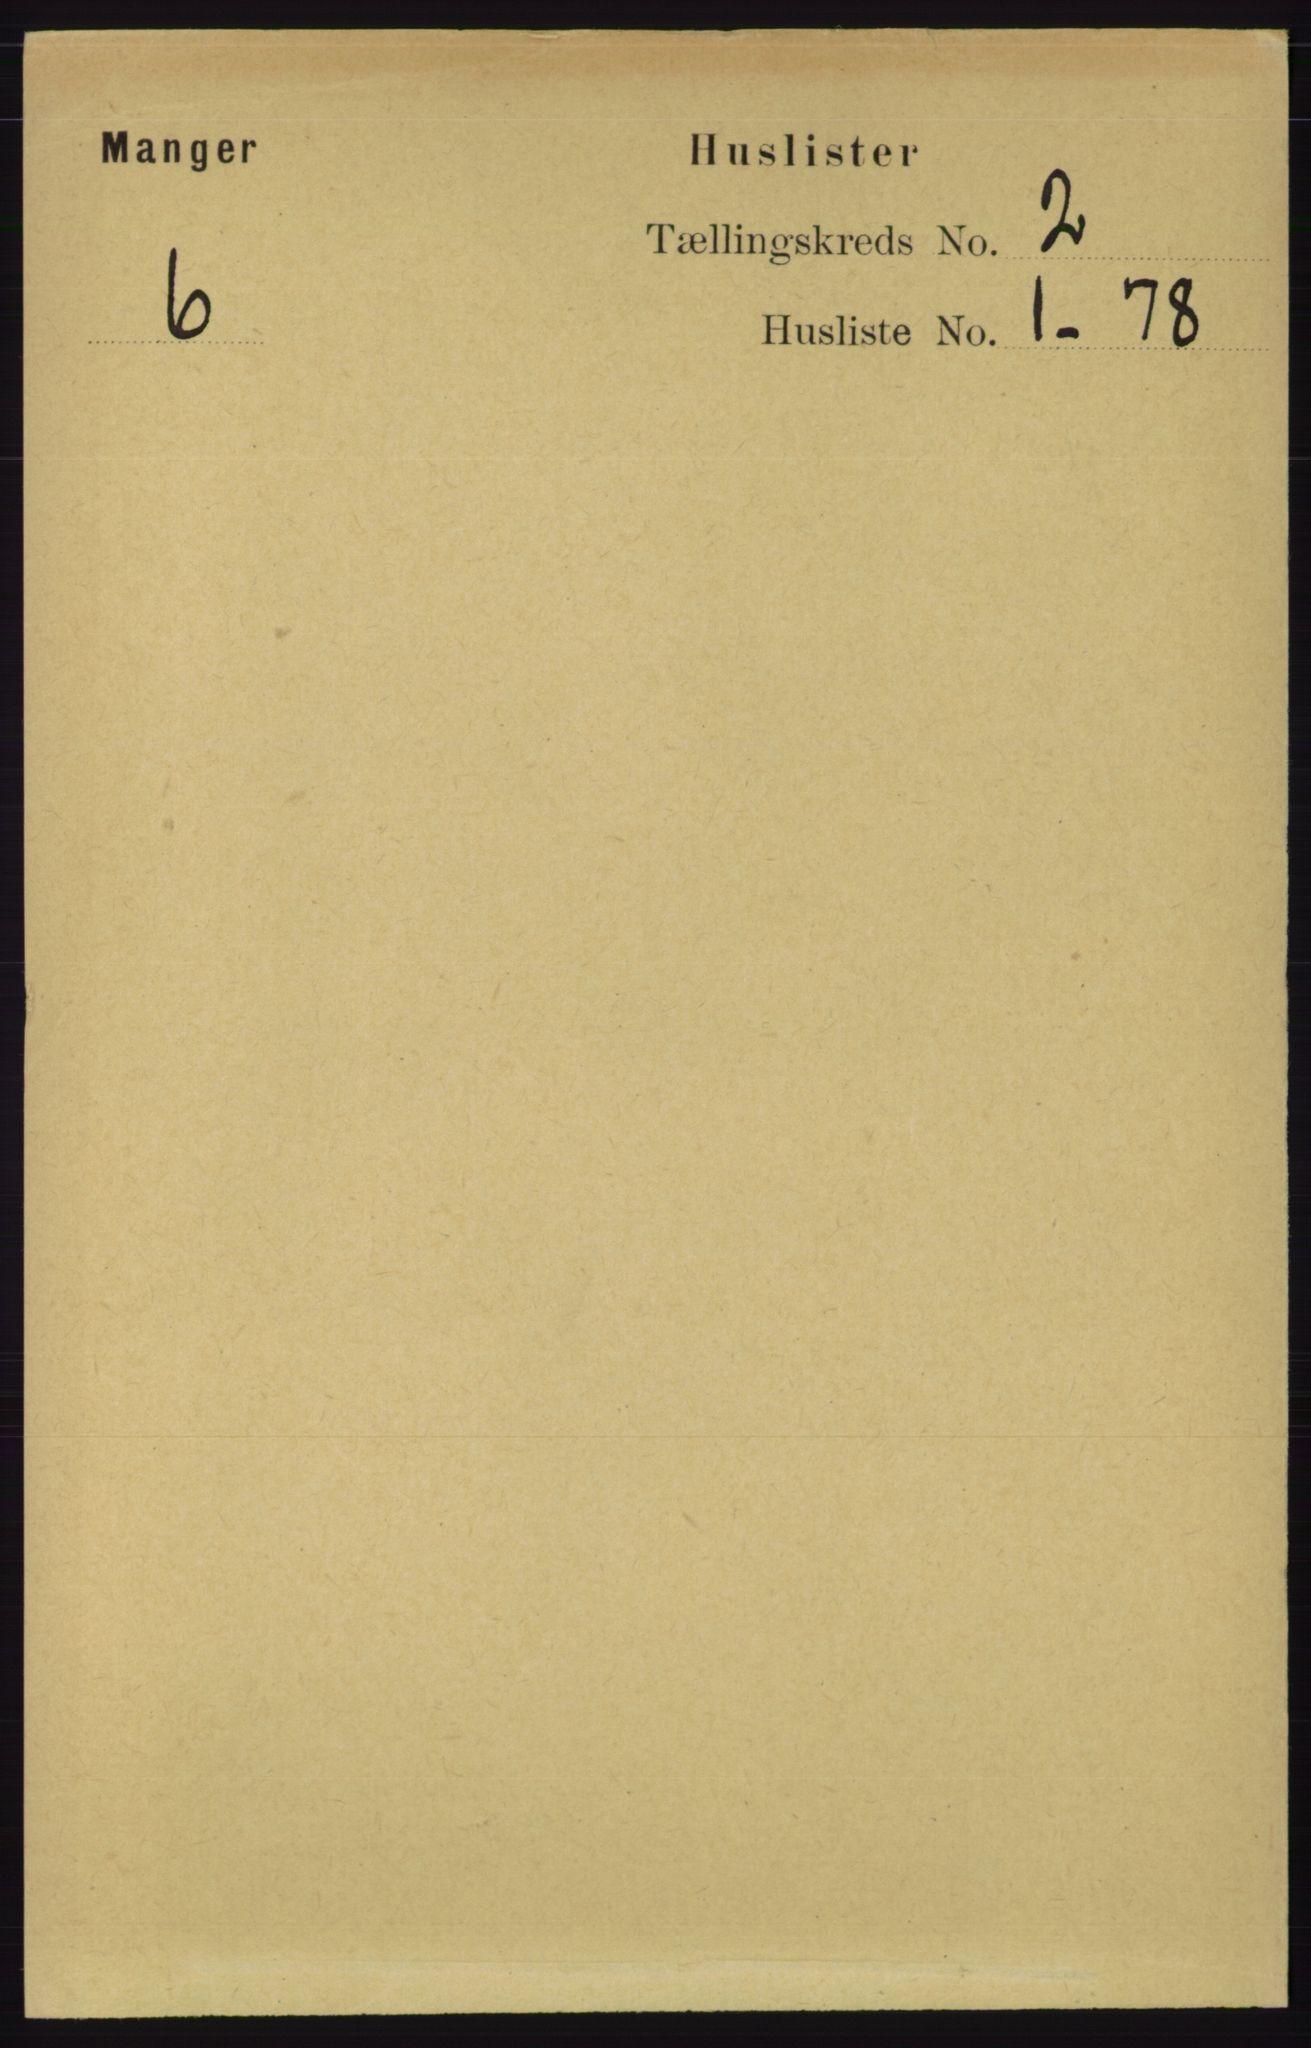 RA, Folketelling 1891 for 1261 Manger herred, 1891, s. 677